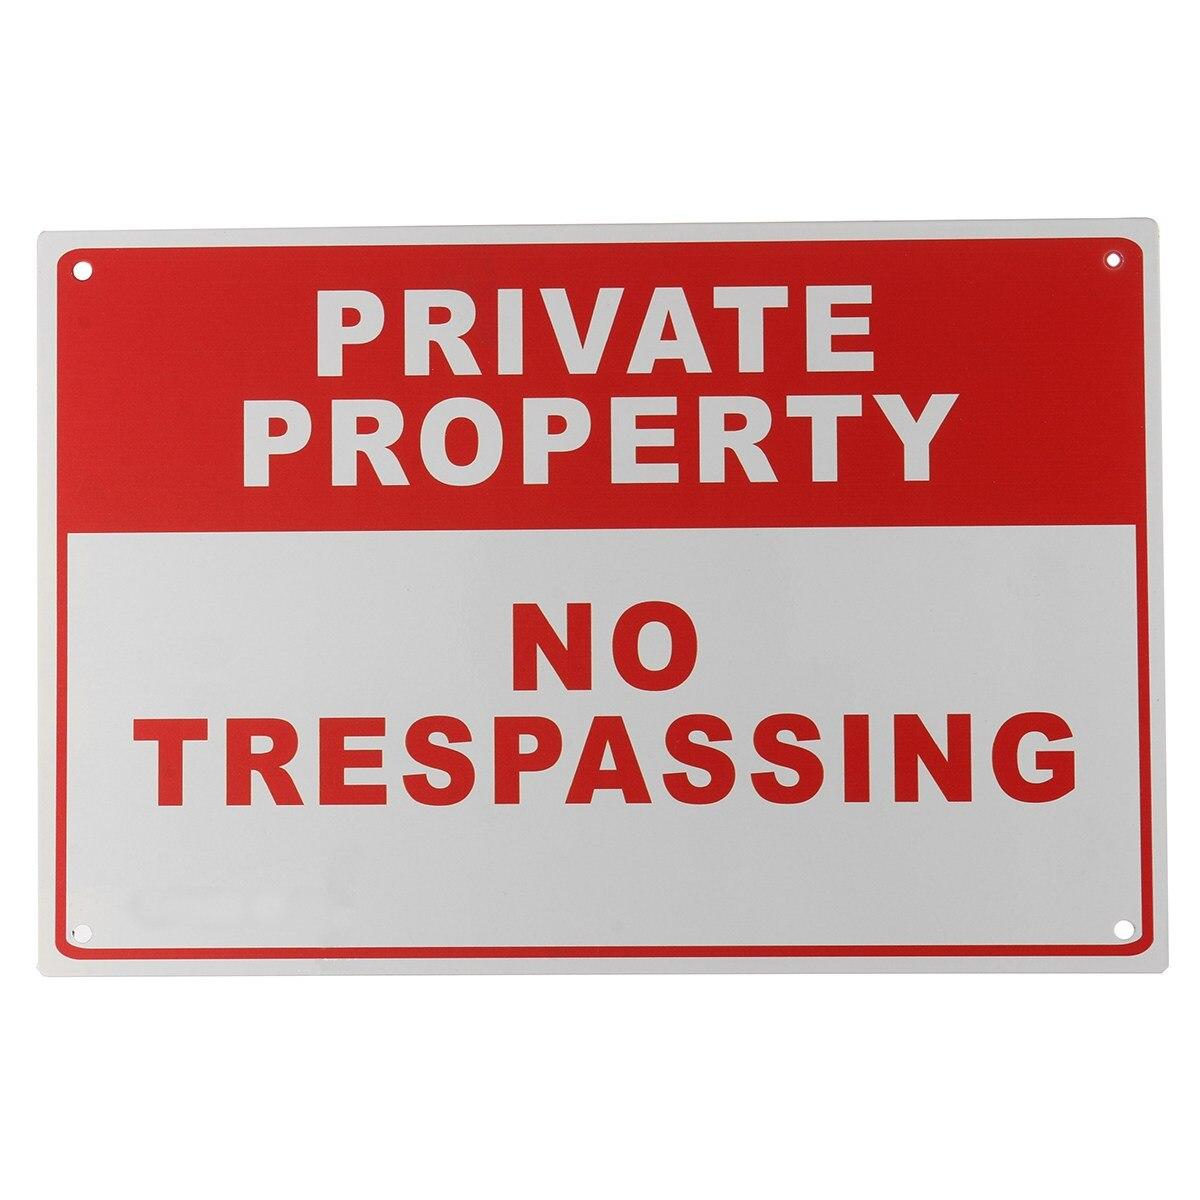 Safurance Propriedade Privada No Trespassing Sinal De Alerta De Segurança de Metal 4 Furo 20x30 cm Home Security